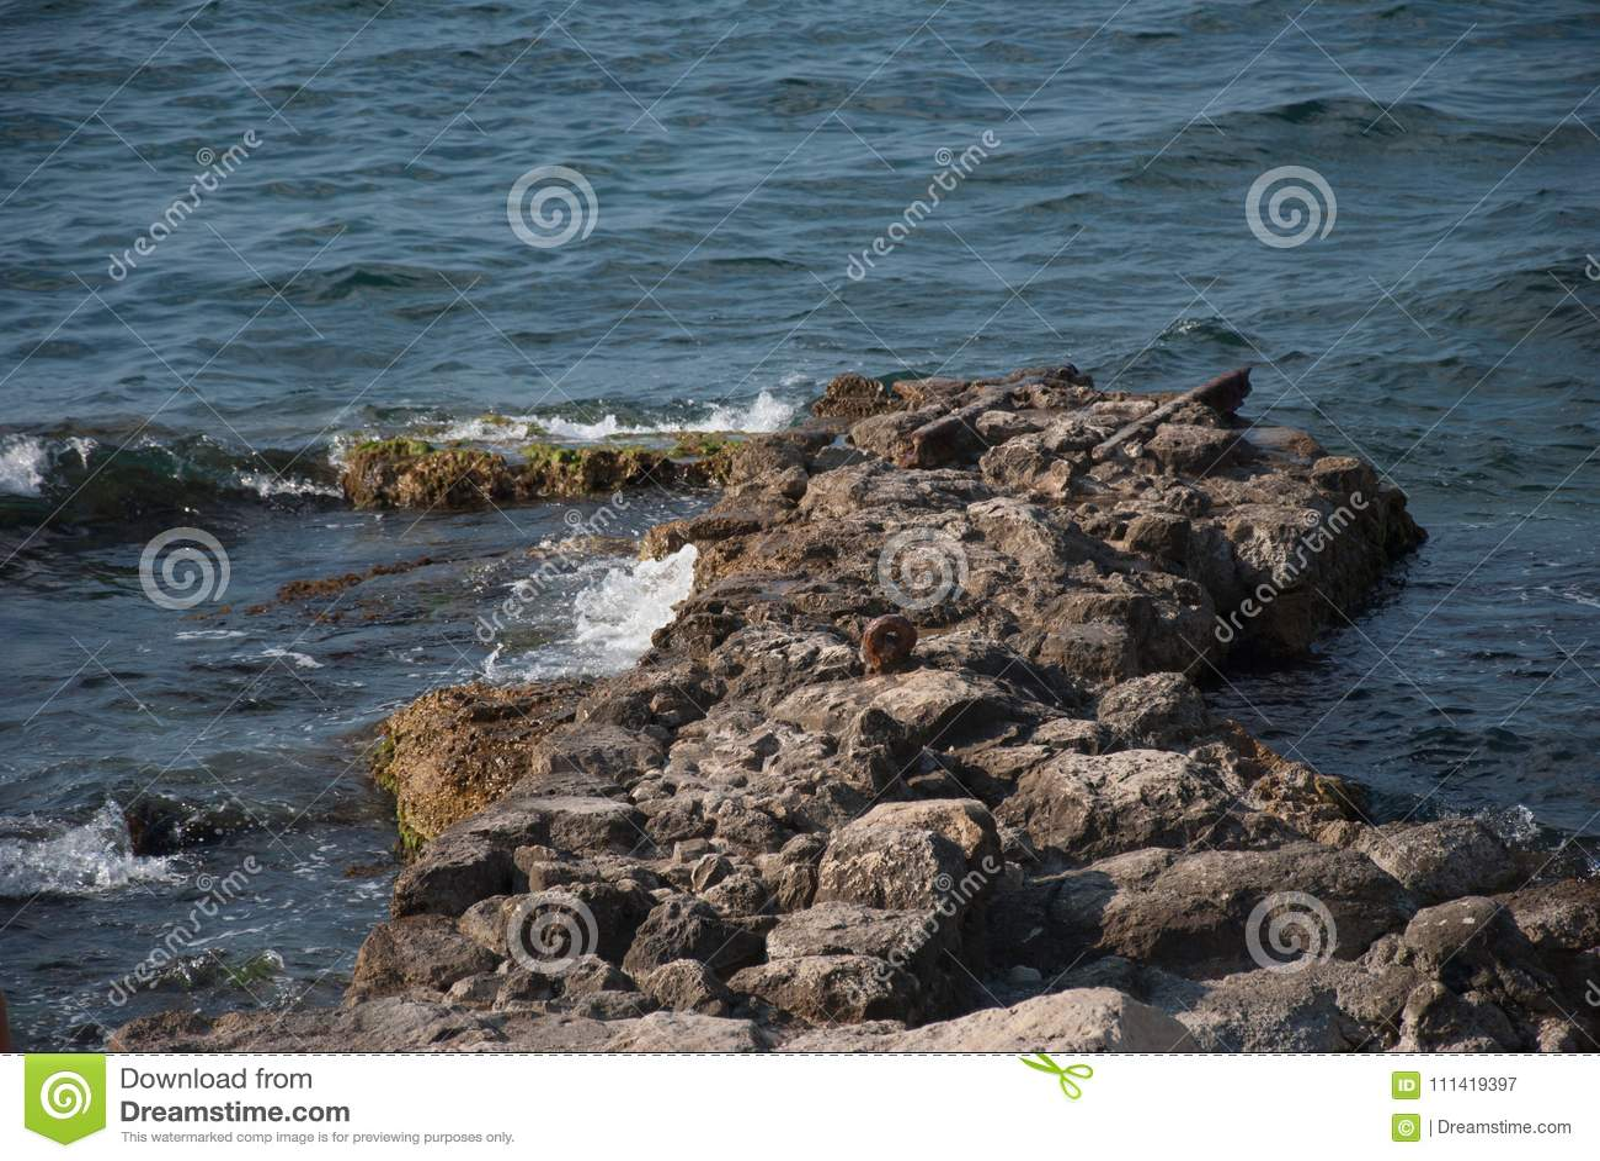 Rest in Crimea 7